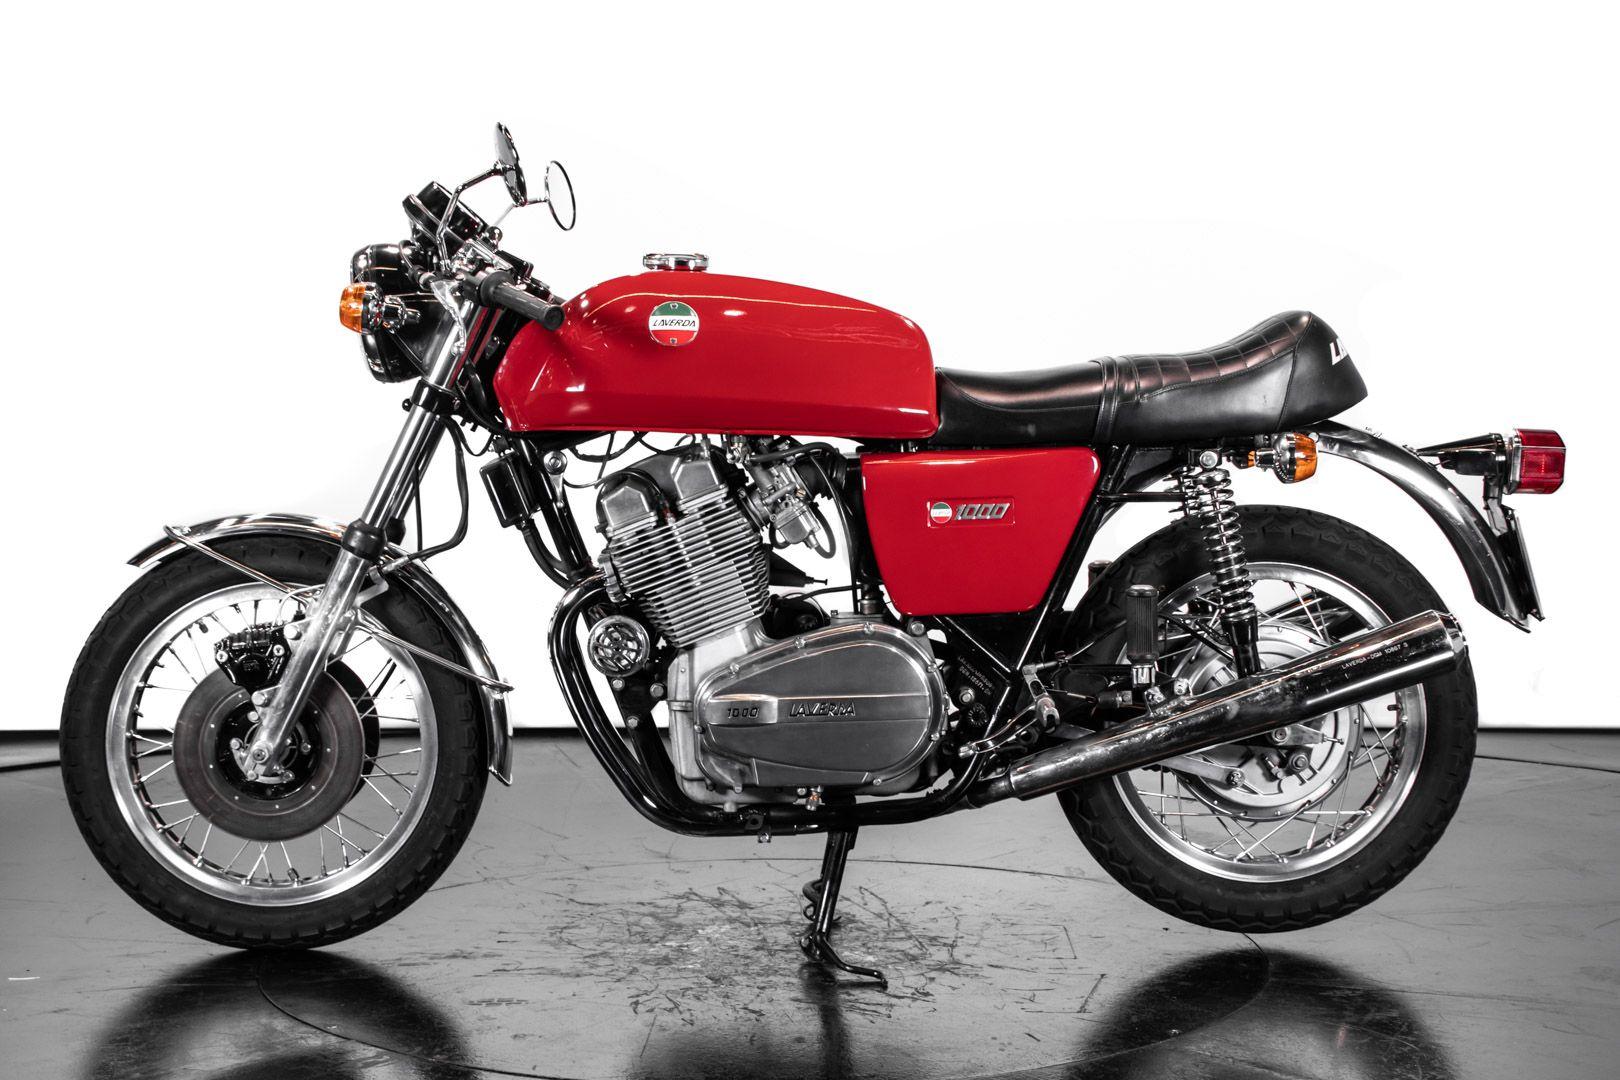 1975 Laverda 1000 83403